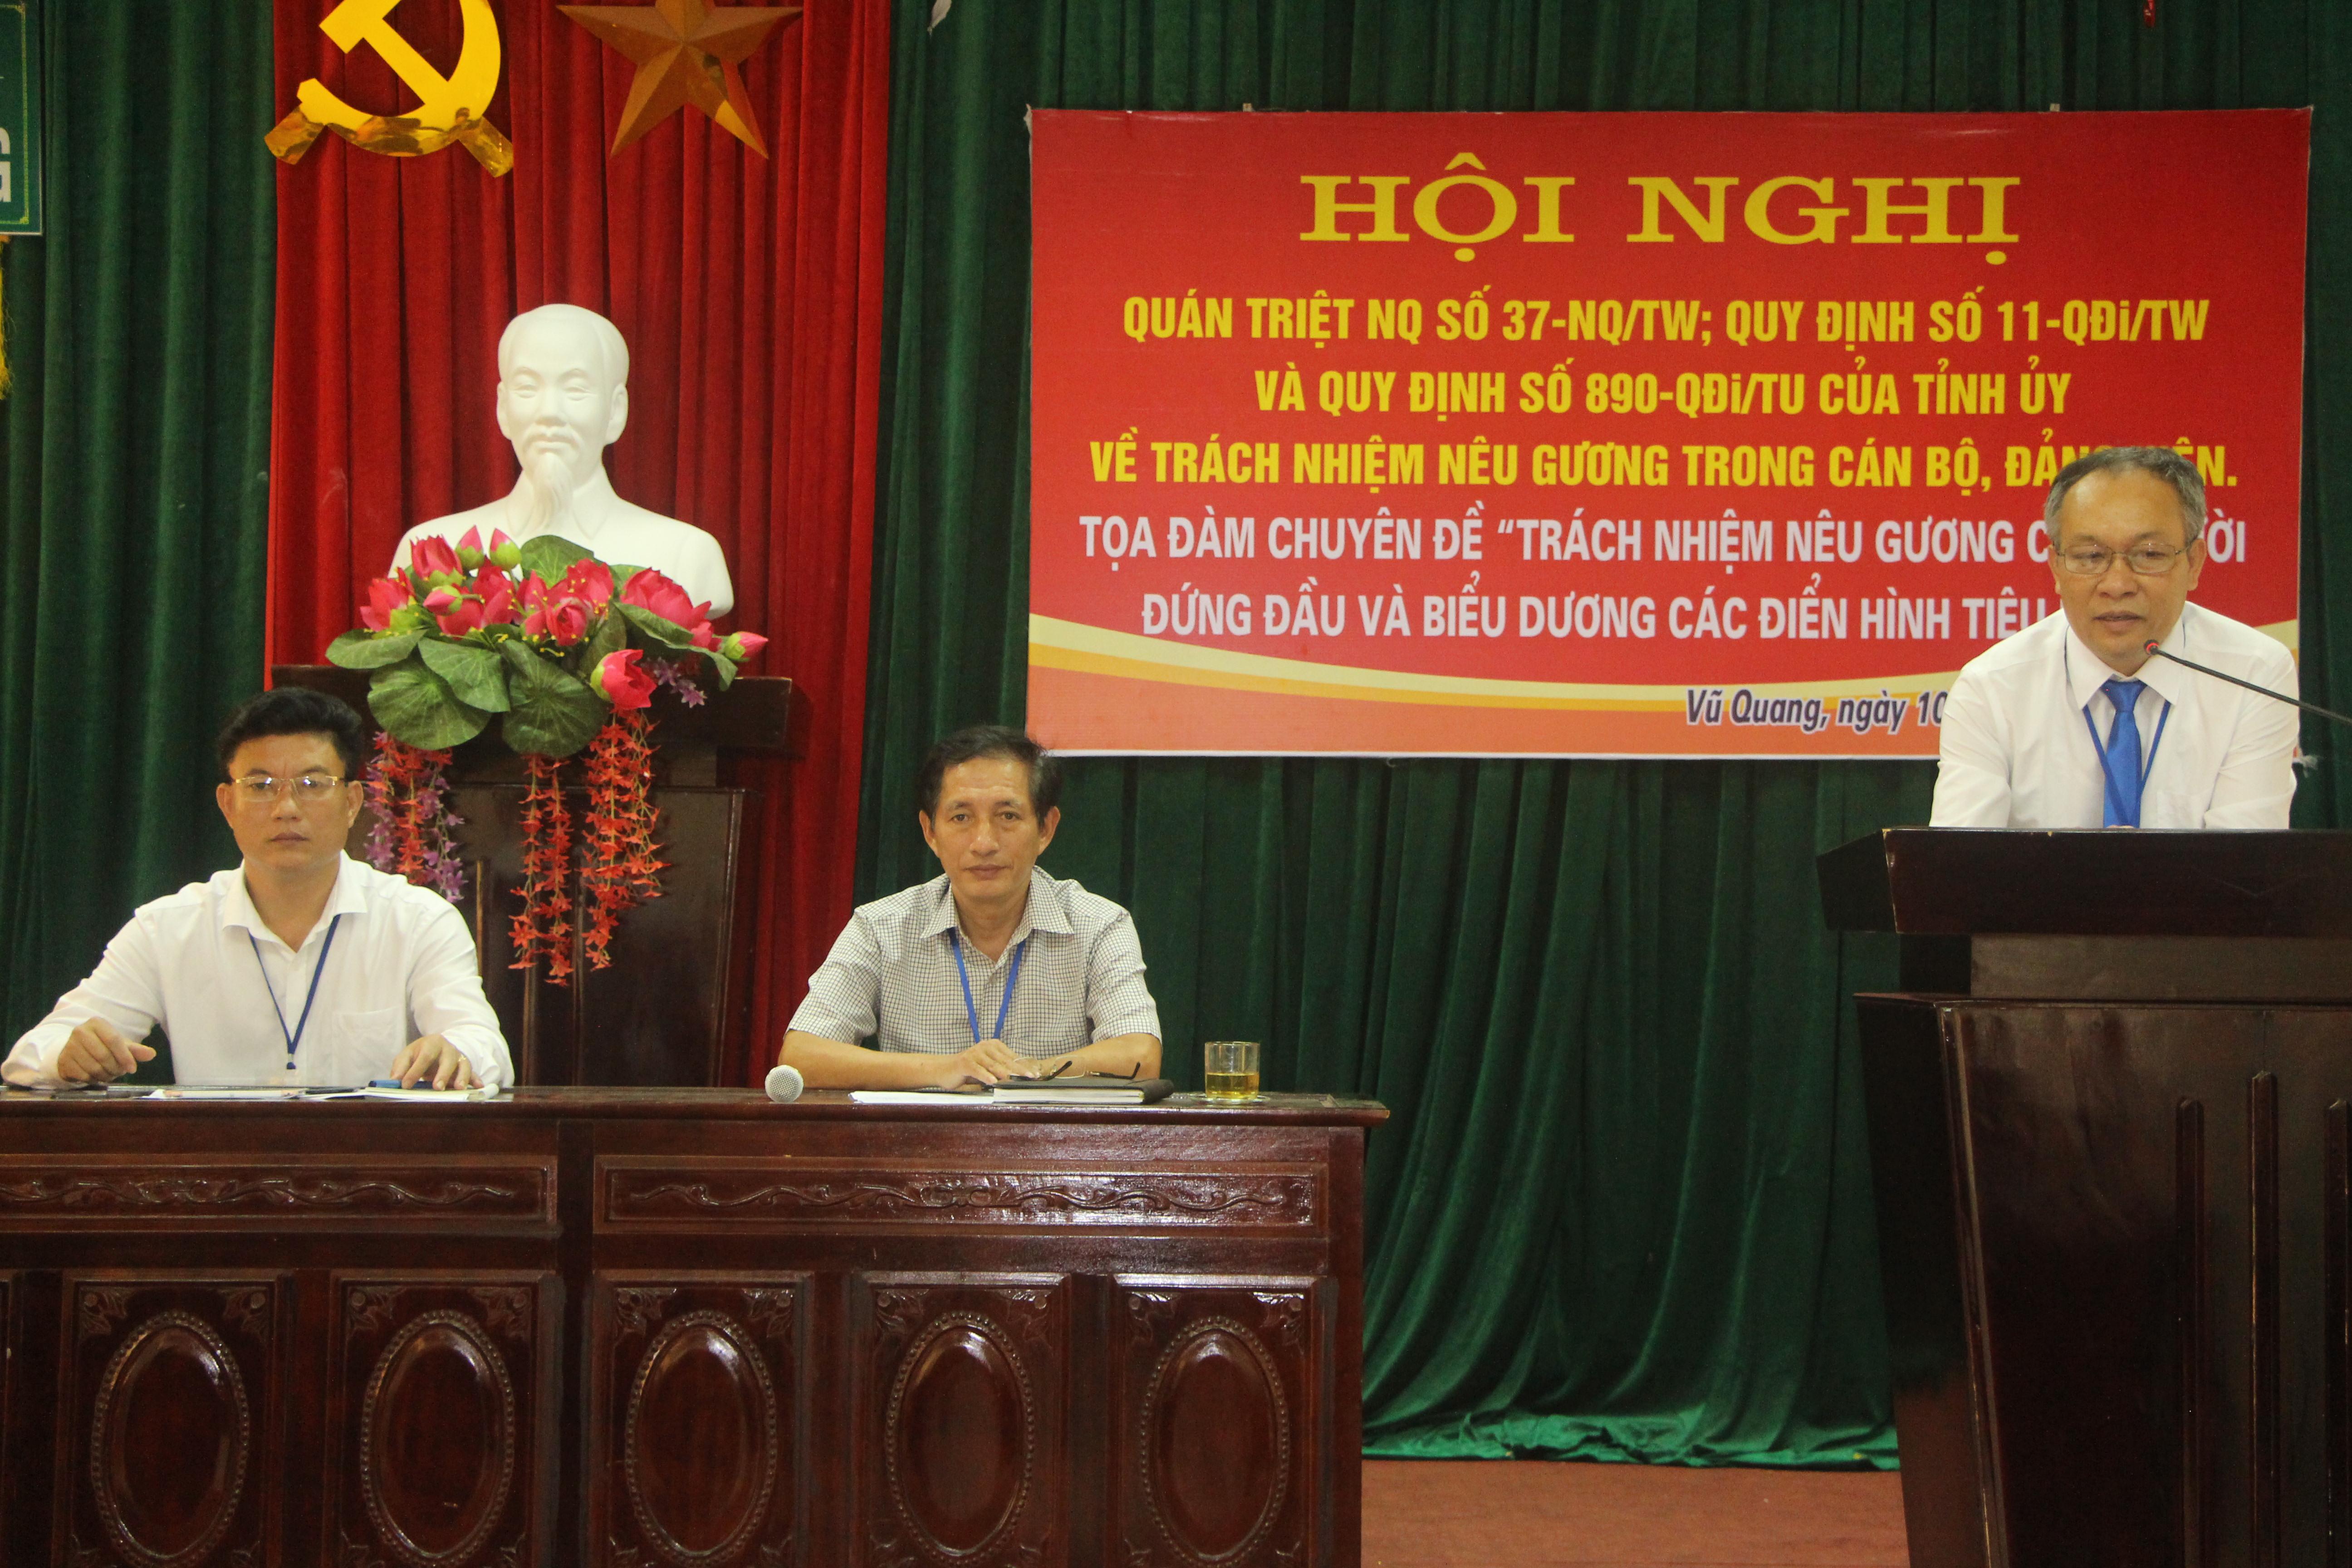 Hội nghị quán triệt nghị quyết số 37-NQ/TW; quy định số 11-QĐi/TW và quy định số 890-QĐi/TU của Tỉnh ủy Hà Tĩnh về trách nhiệm nêu gương của cán bộ Đảng viên.